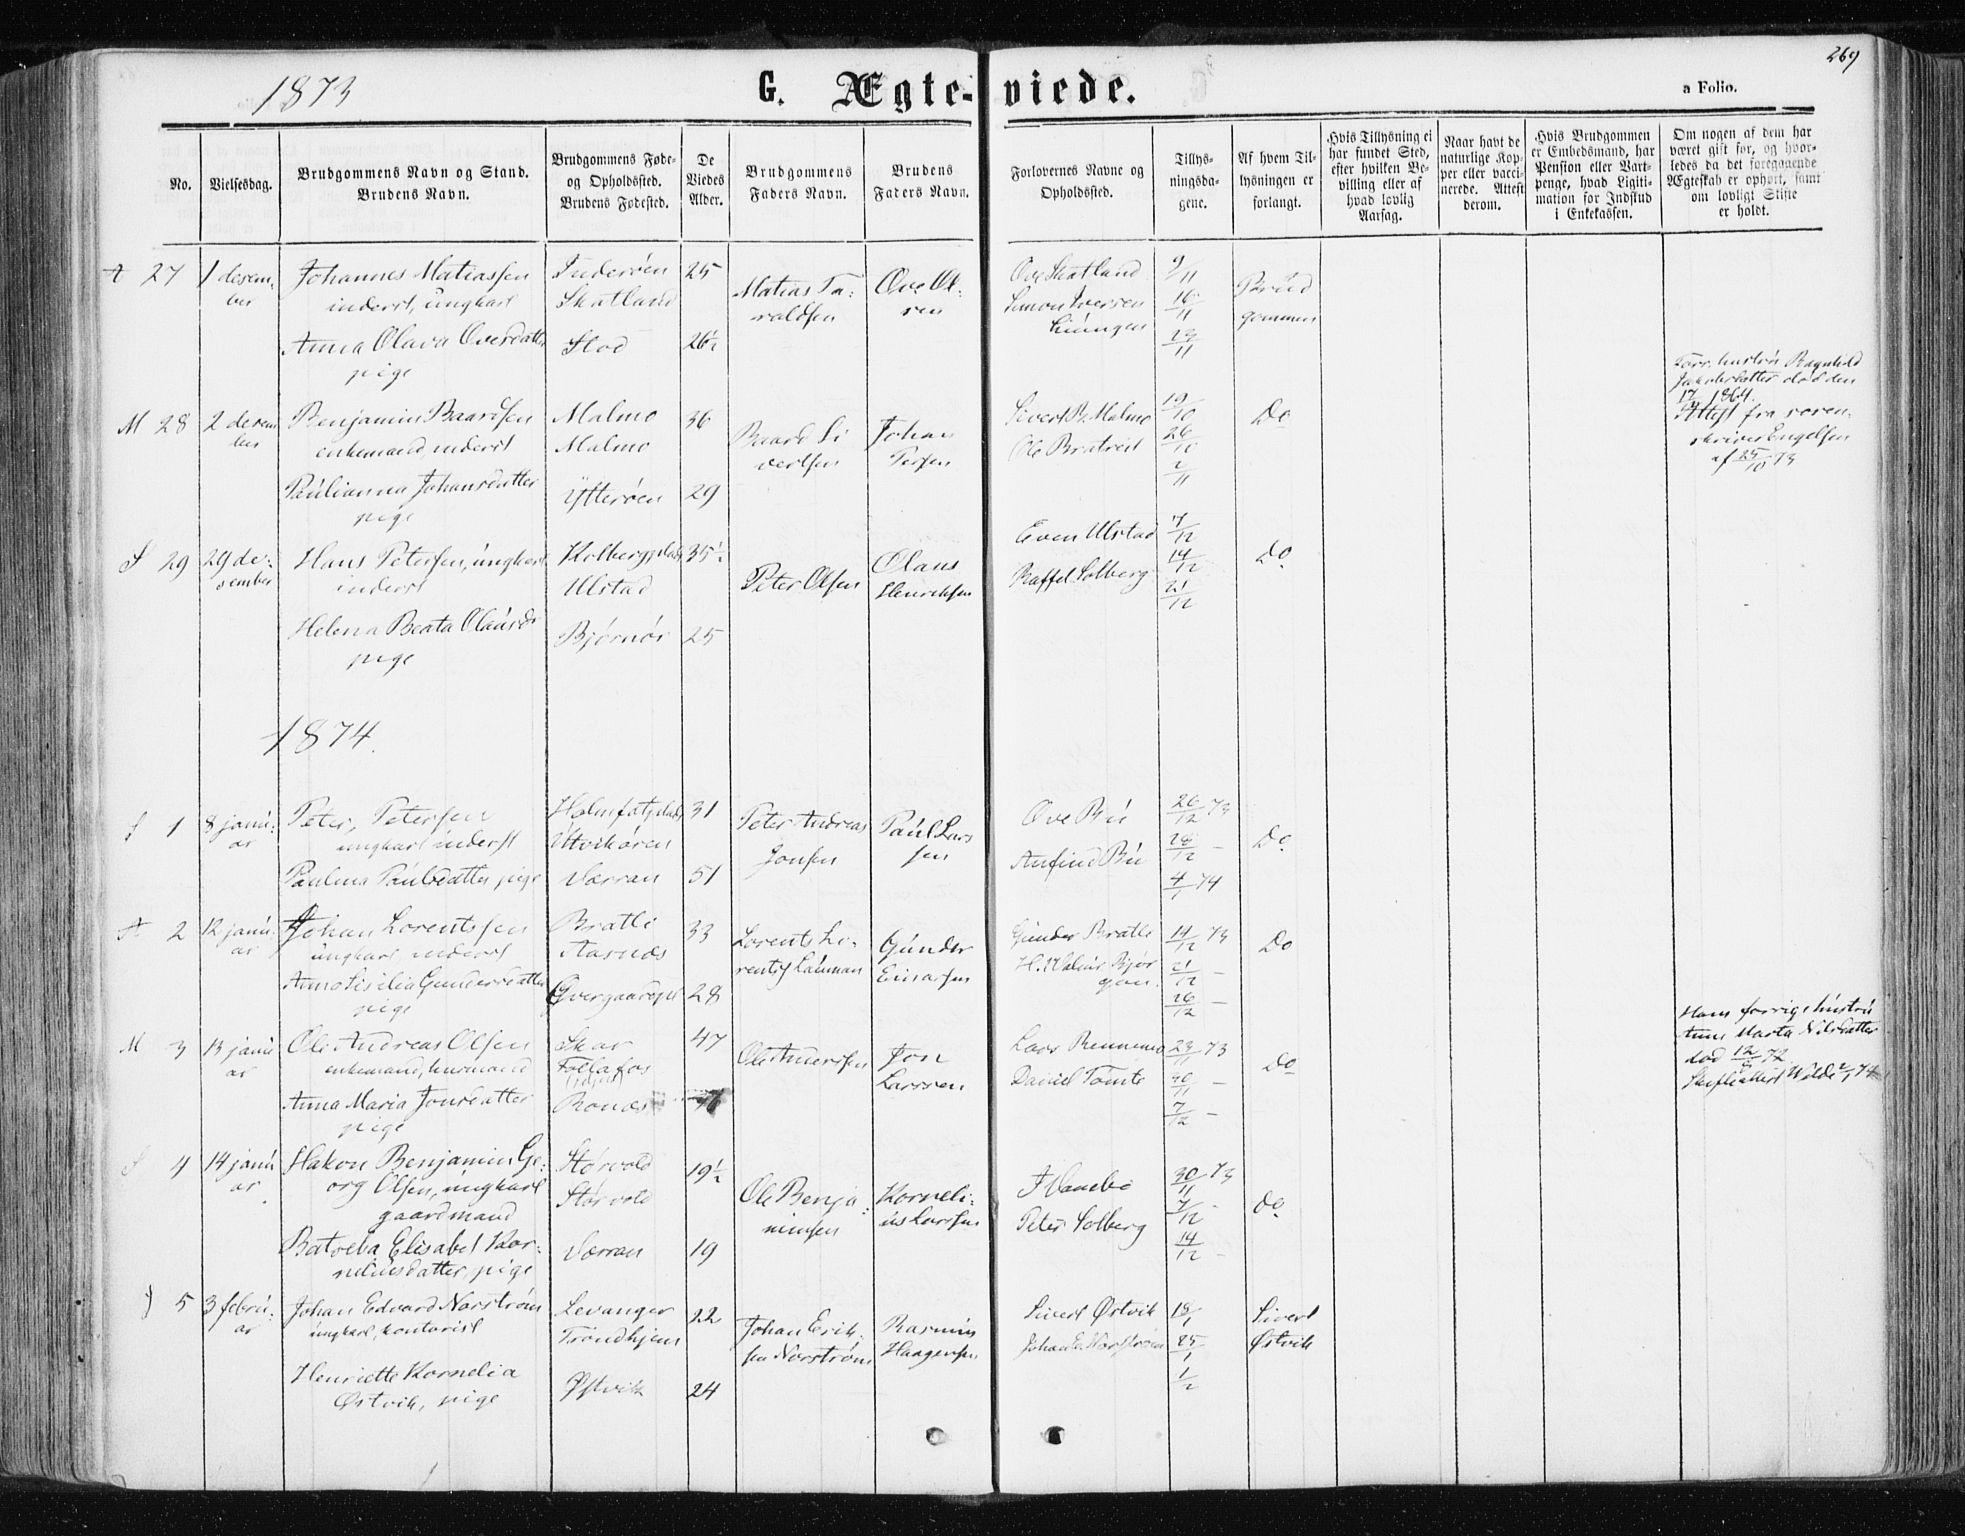 SAT, Ministerialprotokoller, klokkerbøker og fødselsregistre - Nord-Trøndelag, 741/L0394: Ministerialbok nr. 741A08, 1864-1877, s. 269